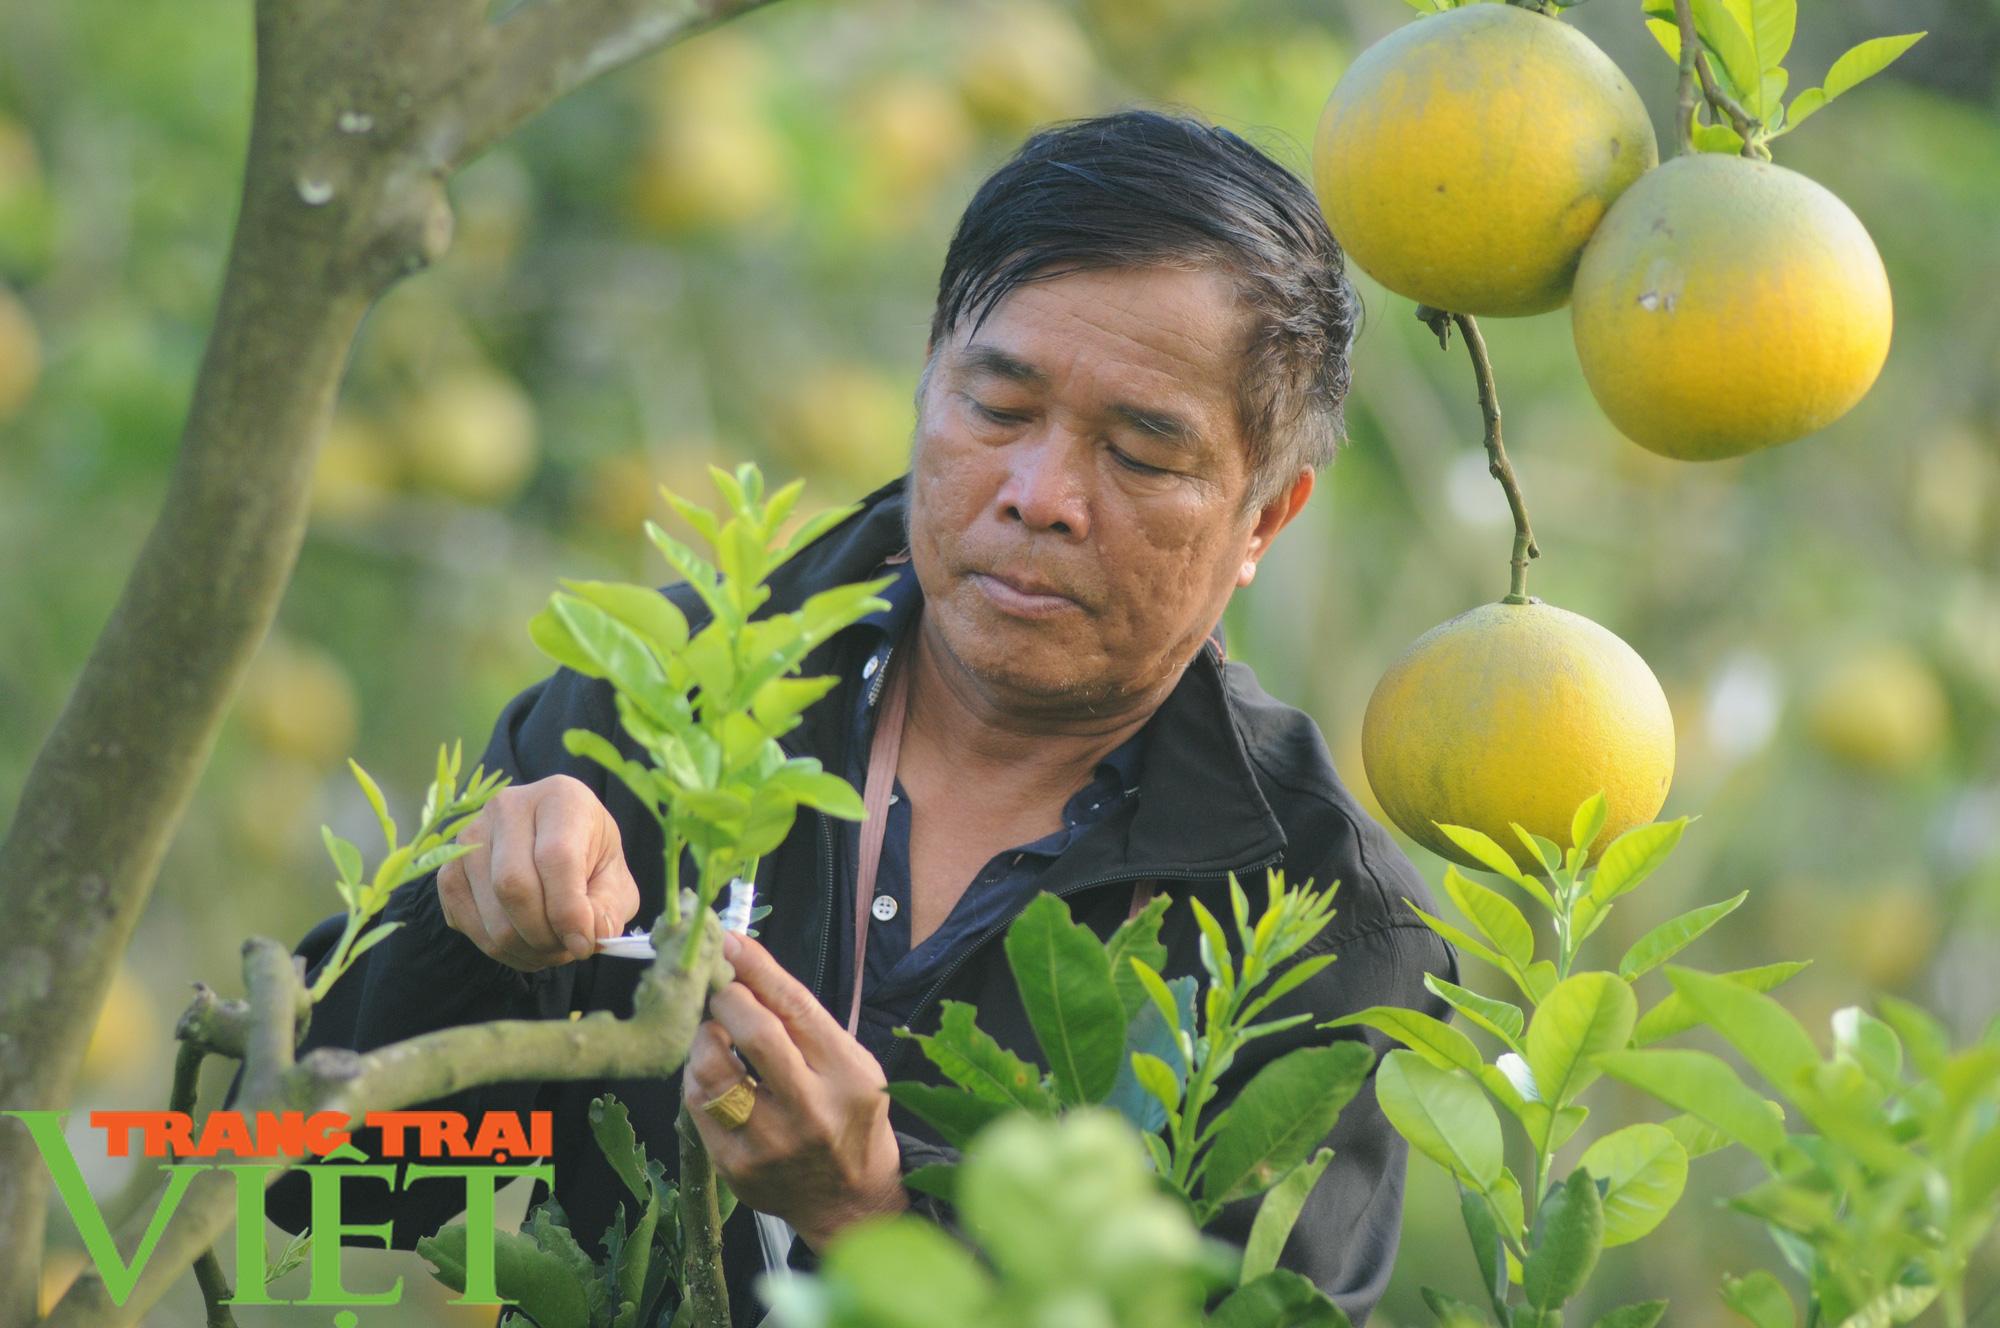 Chỉ trồng cây ăn quả, cựu binh thu nửa tỷ mỗi năm - Ảnh 4.